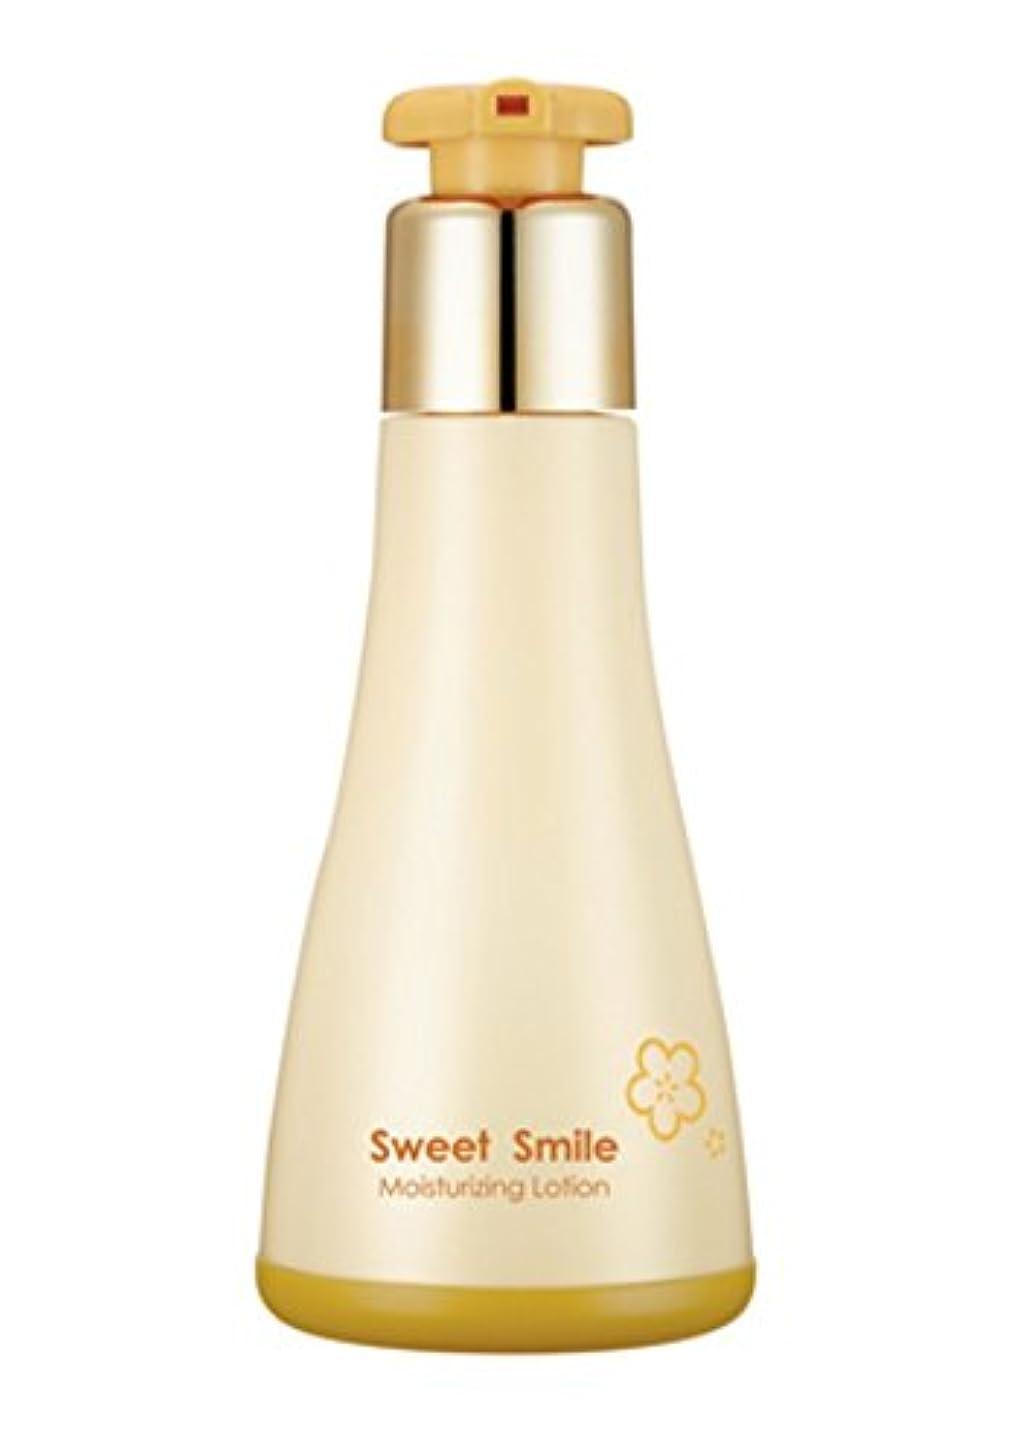 ランクスポンサーぶら下がる[New] su:m37° Sweet Smile Moisturizing Lotion 250ml/スム37° スイート スマイル モイスチャライジング ローション 250ml